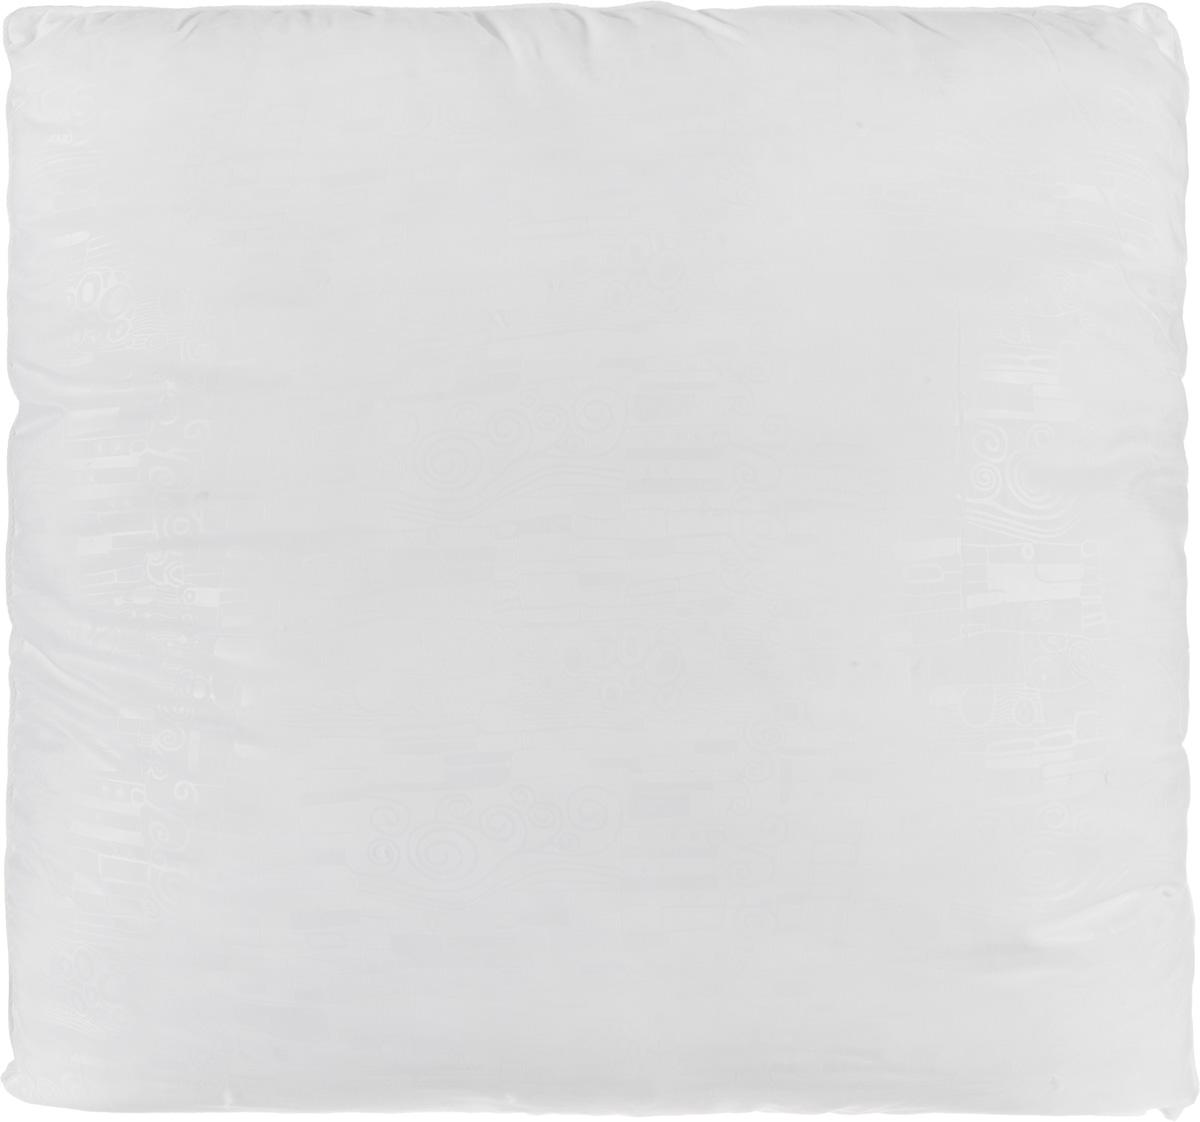 Подушка Smart Textile Безмятежность, наполнитель: лебяжий пух, цвет: белый, 70 х 70 смВZ15Удобная и мягкая подушка Smart Textile Безмятежность подарит здоровый сон и отличный отдых. Чехол подушки на молнии выполнен из микрофибры с красивым узором. В качестве наполнителя используется лебяжий пух. Лебяжий пух - это 100% сверхтонкое высокосиликонизированное волокно. Такой наполнитель мягкий, приятный на ощупь и гипоаллергенный. Подушка удобна в эксплуатации: легко стирается, быстро сохнет, сохраняя первоначальные свойства, устойчива к воздействию прямых солнечных лучей, износостойка и прочна. Изделие обладает высокой теплоизоляционной способностью - не вызывает перегрева головы. Подушка обеспечит правильную поддержку головы и шеи во время сна. Наполнитель не сбивается в комки и сохраняет тепло. Подушка с этим наполнителем подойдет людям, склонным к аллергии, так как отталкивает пыль и не впитывает запахи.